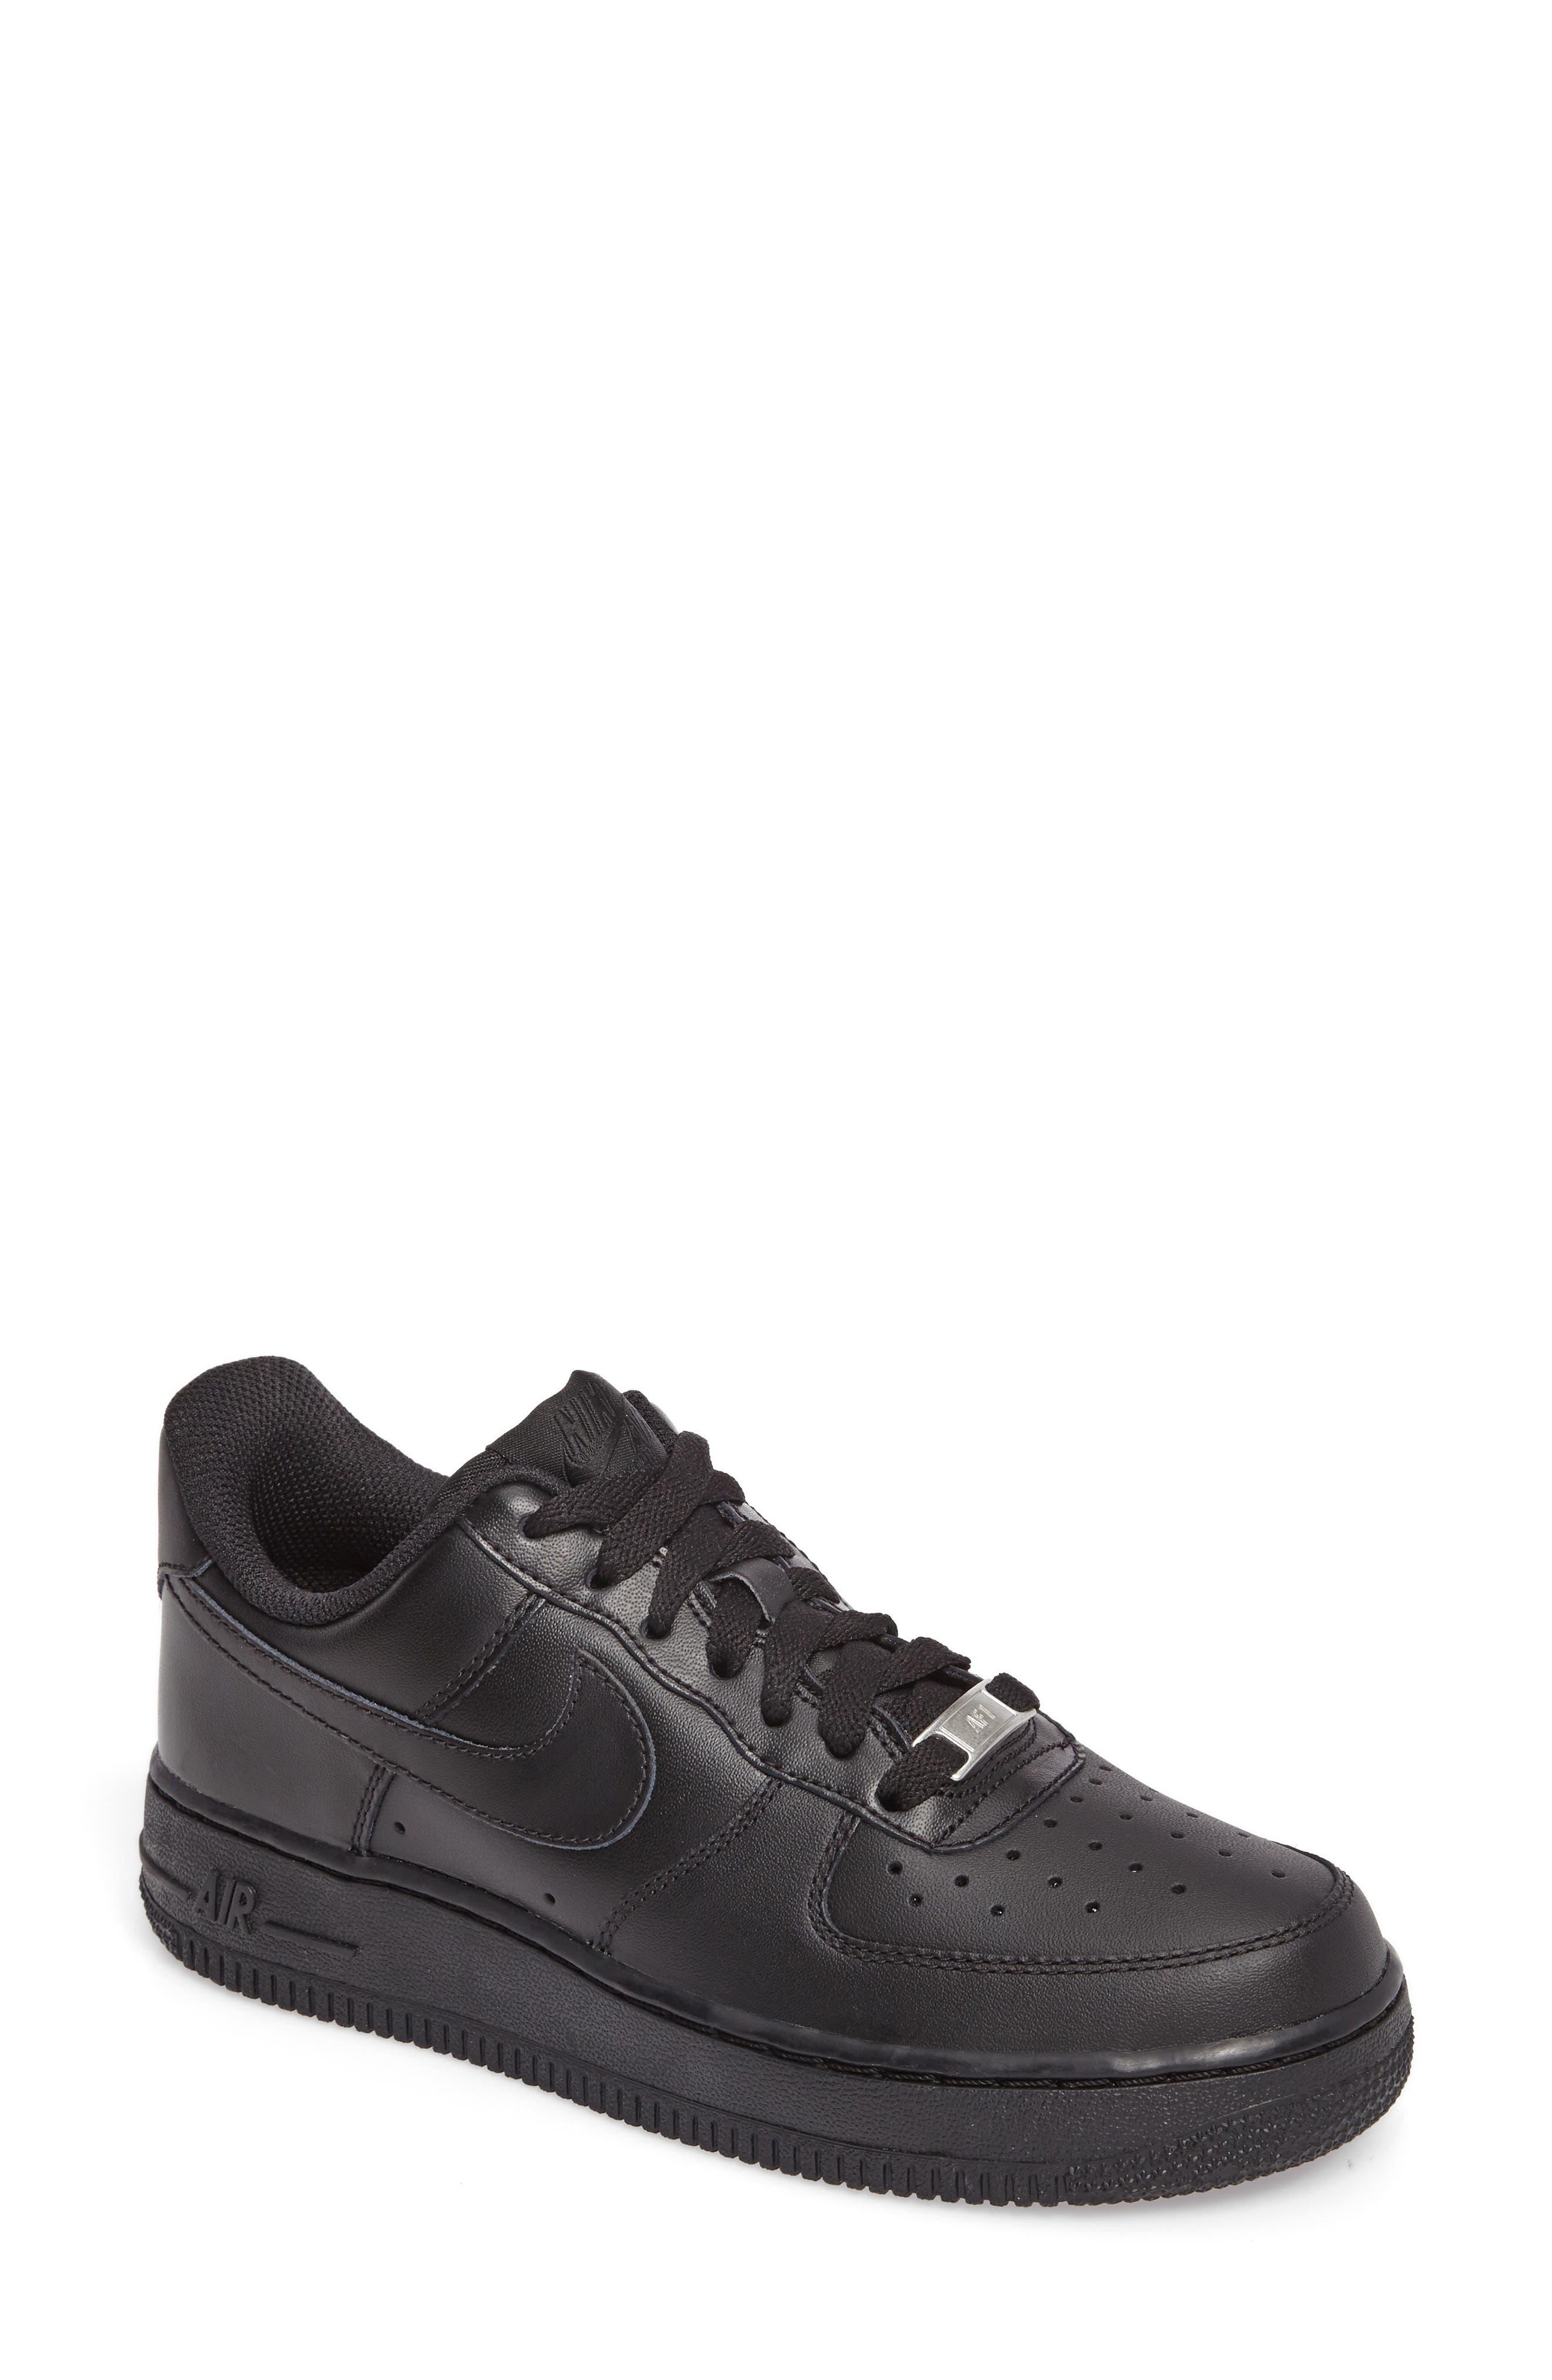 NIKE 'Air Force 1' Basketball Sneaker, Main, color, BLACK/ BLACK